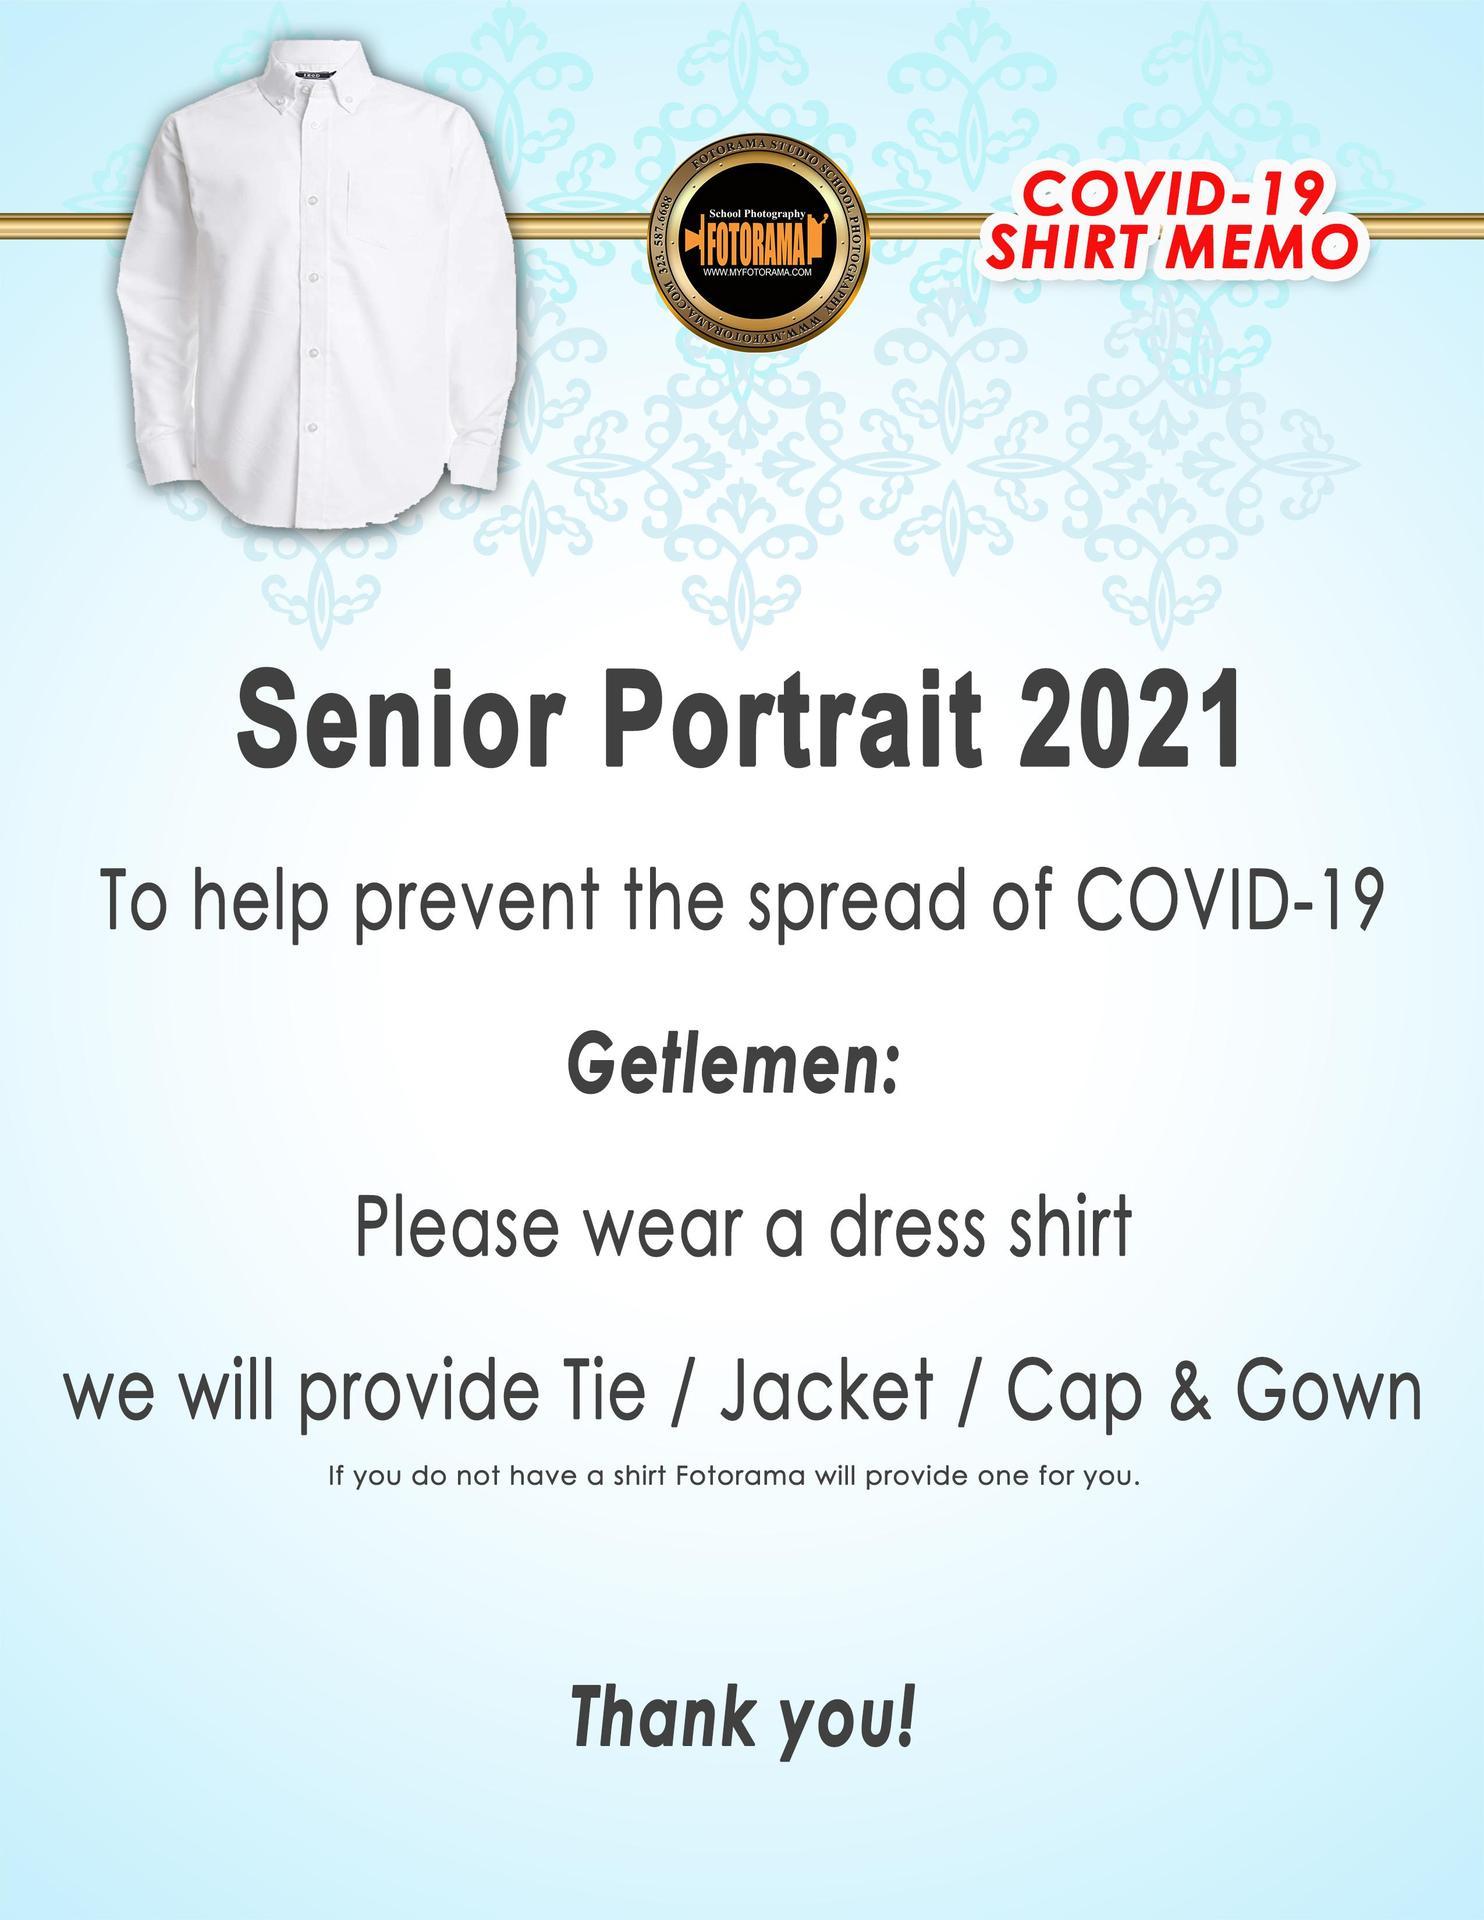 COVID SHIRT